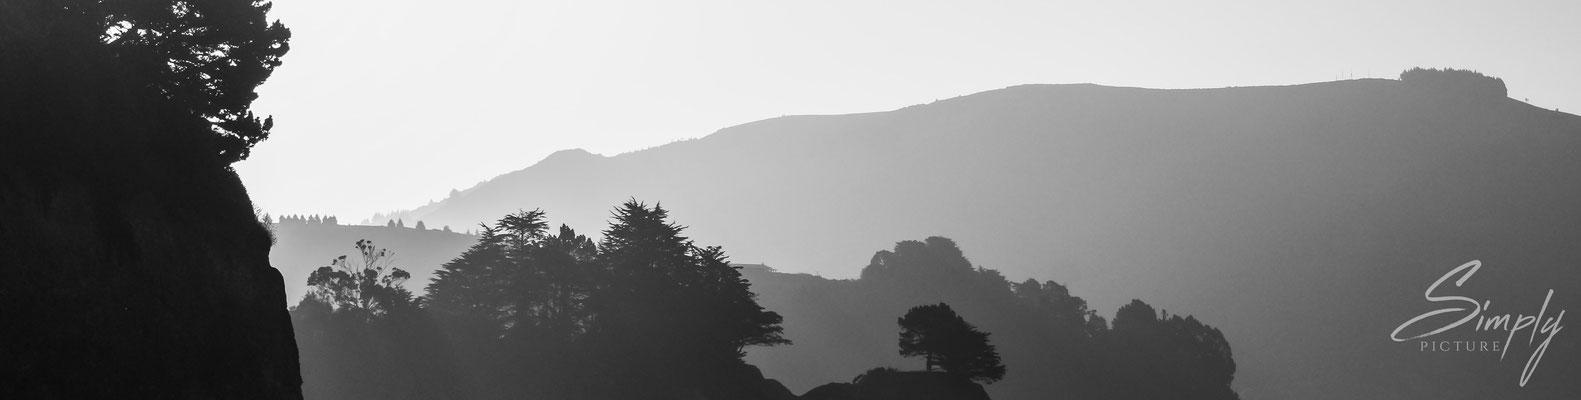 Dunedin, Sonnenuntergangsstimmung in der Gegend der Latham Bay